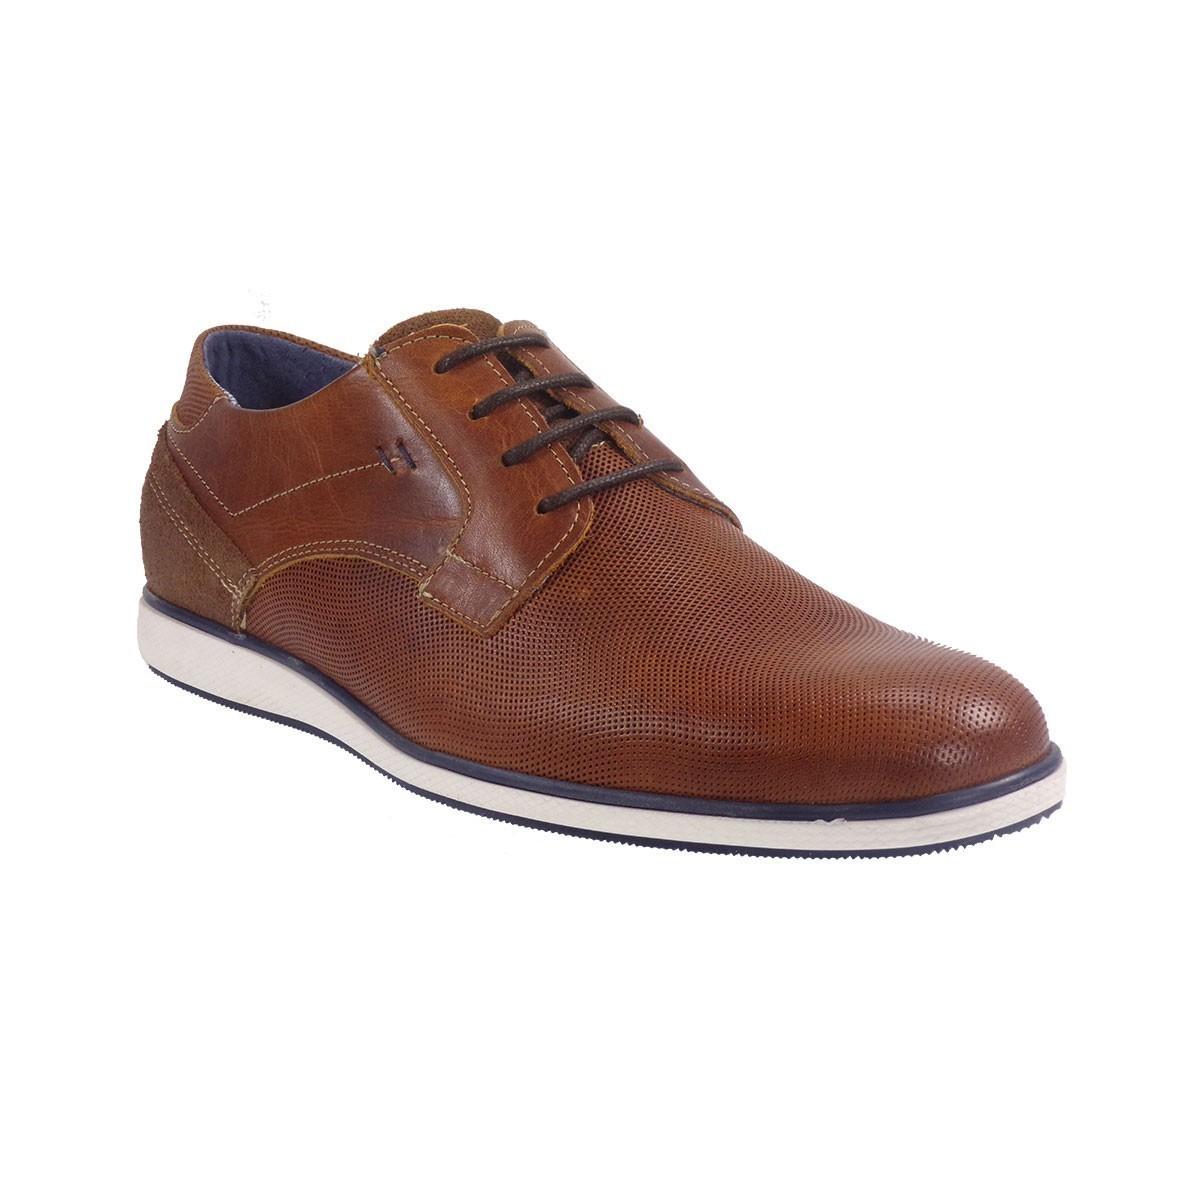 edc592d11de UR1 Ανδρικά Παπούτσια Sneakers J4315 Ταμπά Δέρμα